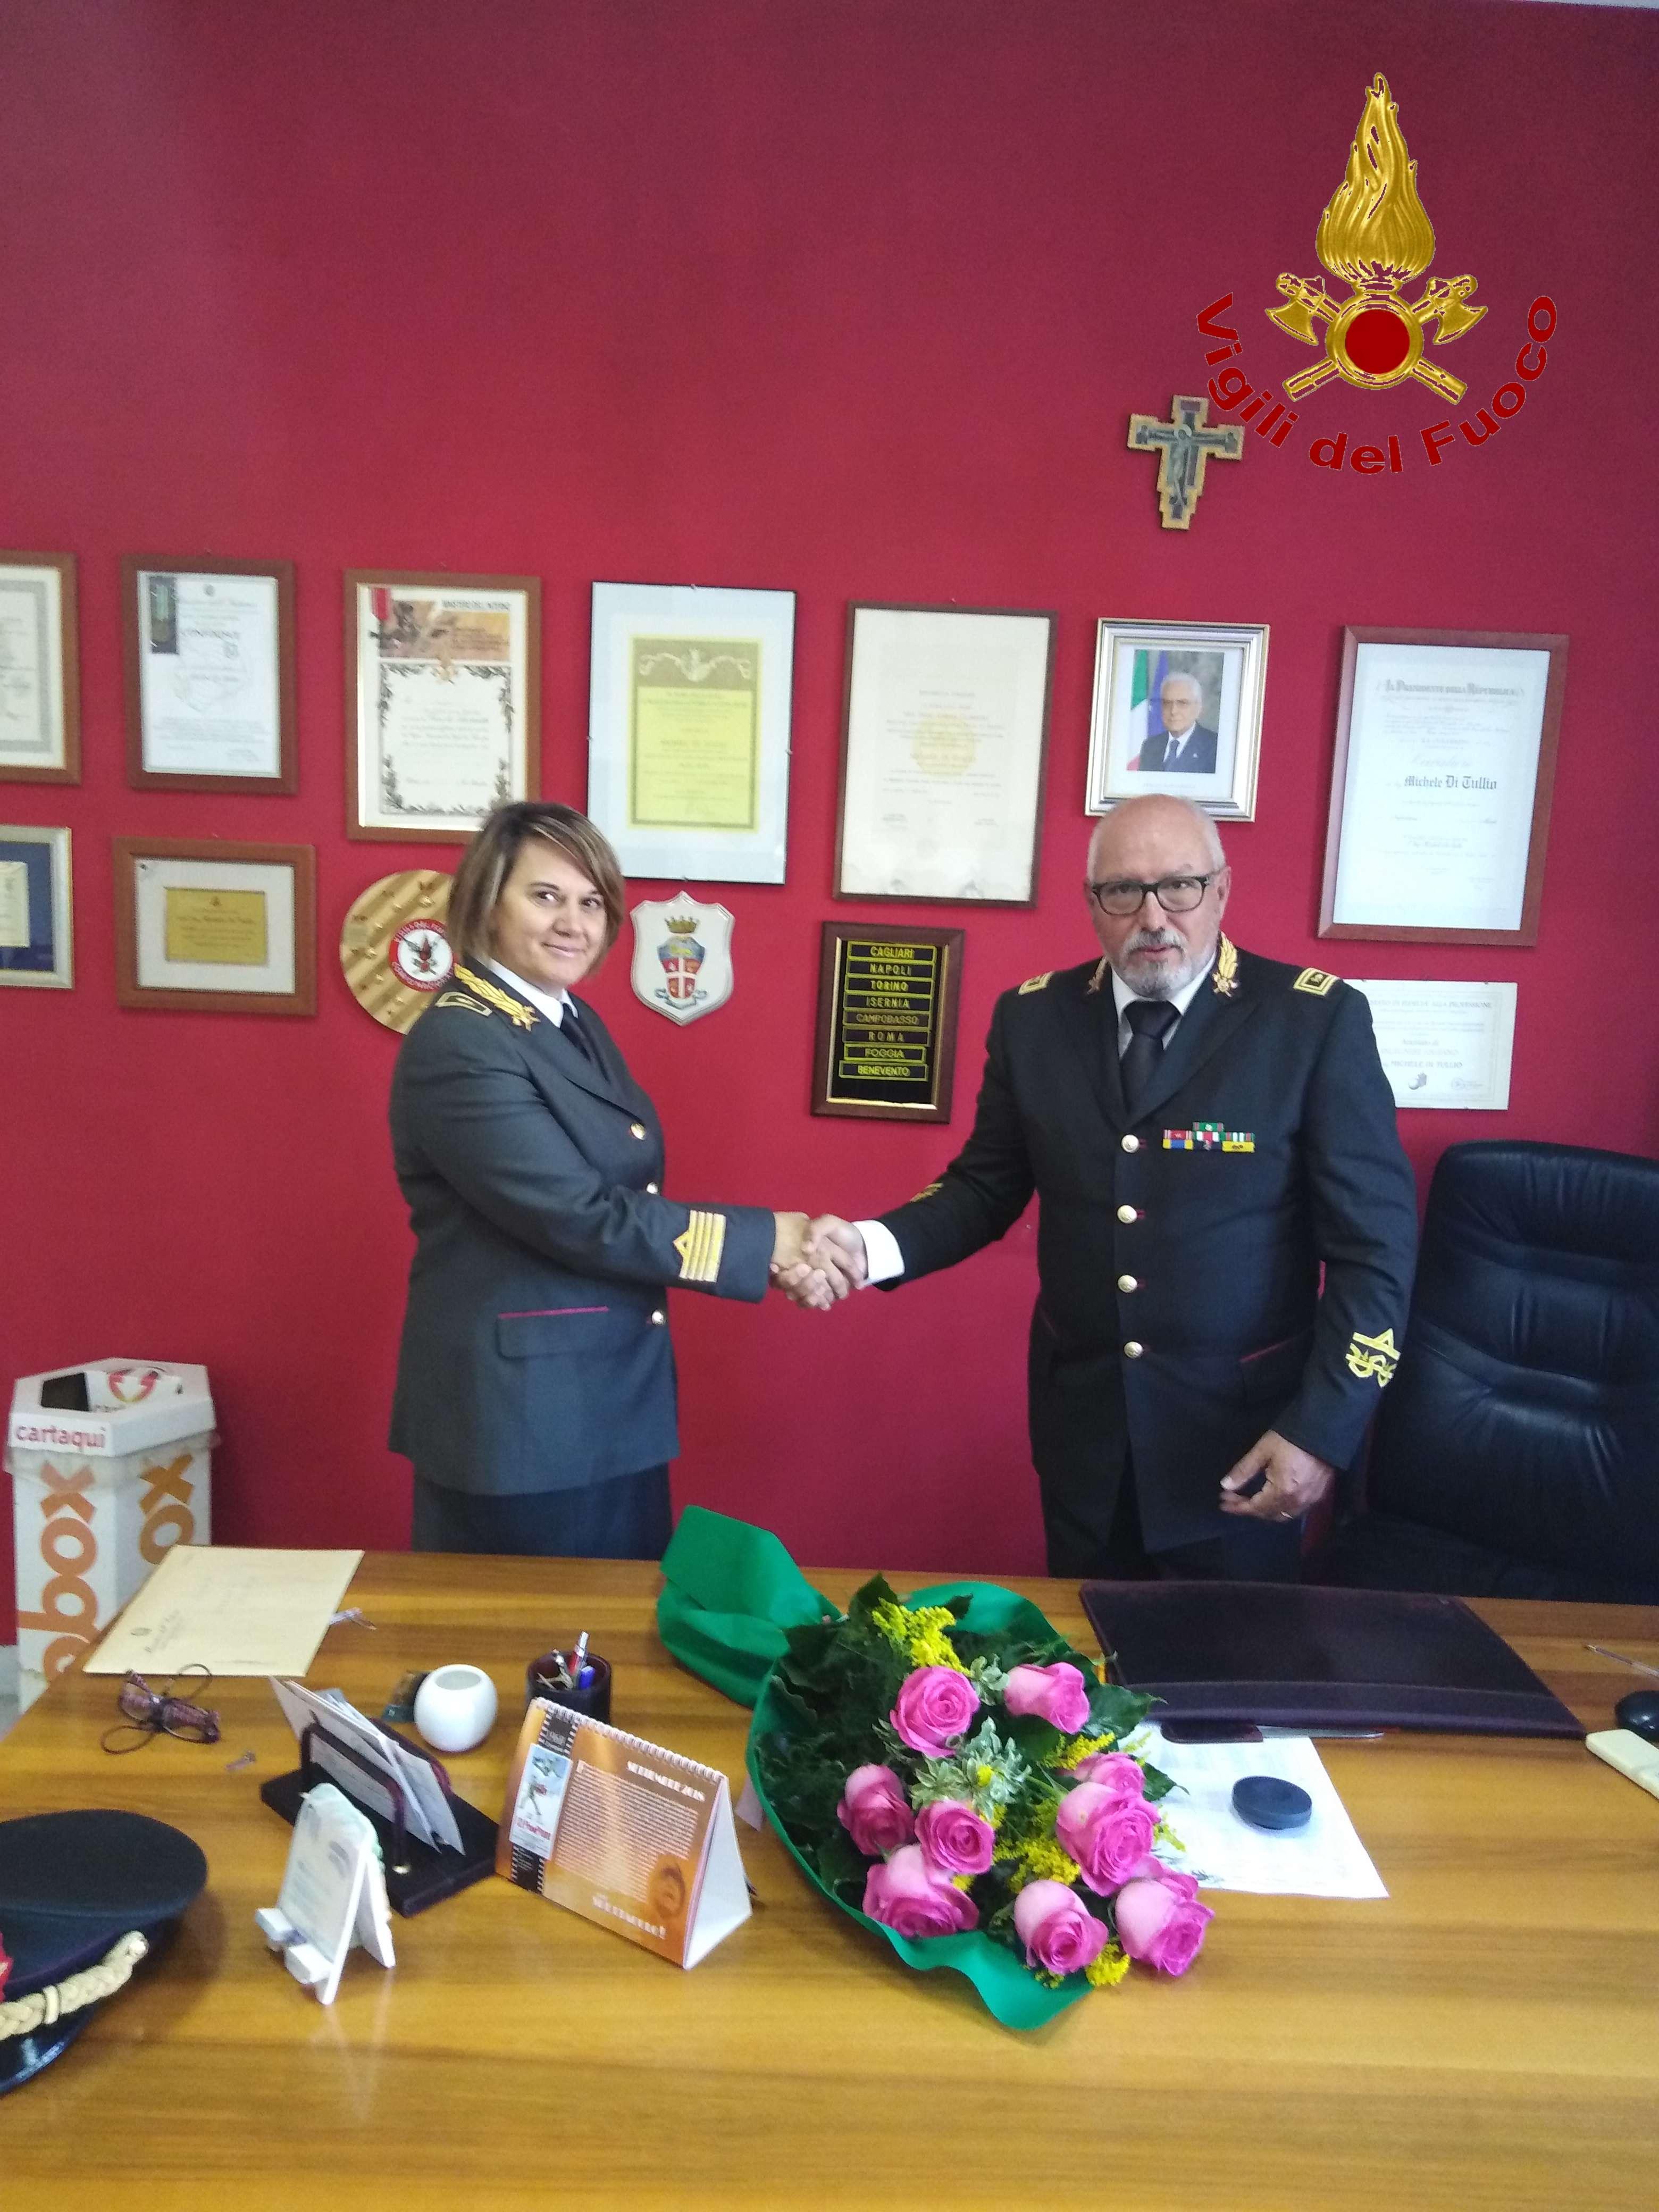 Vigili del Fuoco, passaggio di consegne tra Michele di Tullio e il nuovo comandante D'Agostino